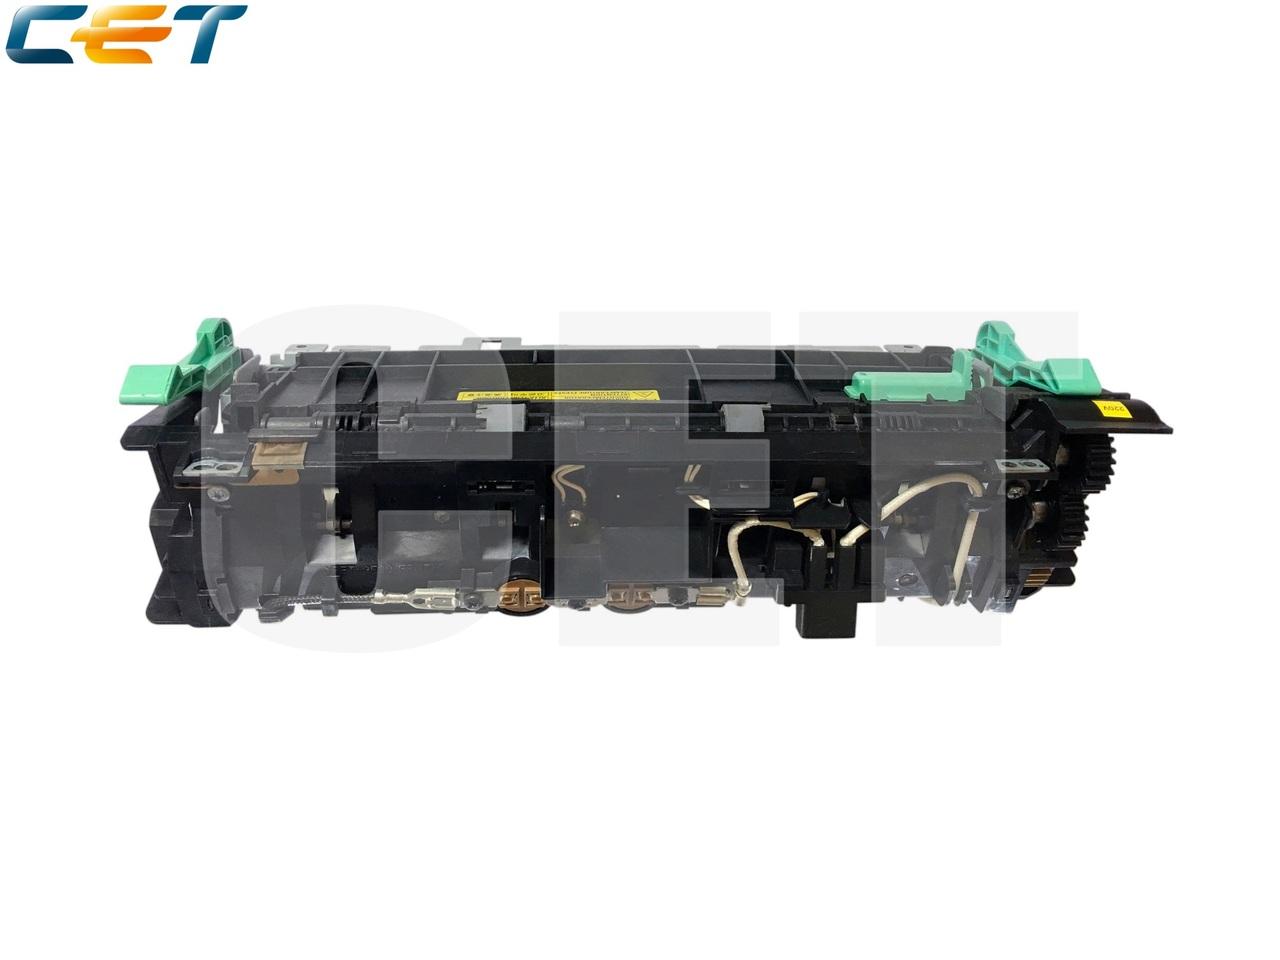 Фьюзер (печка) в сборе JC91-00925E для SCX-5835/5935/5133(CET), (восстановленный), DGP0067